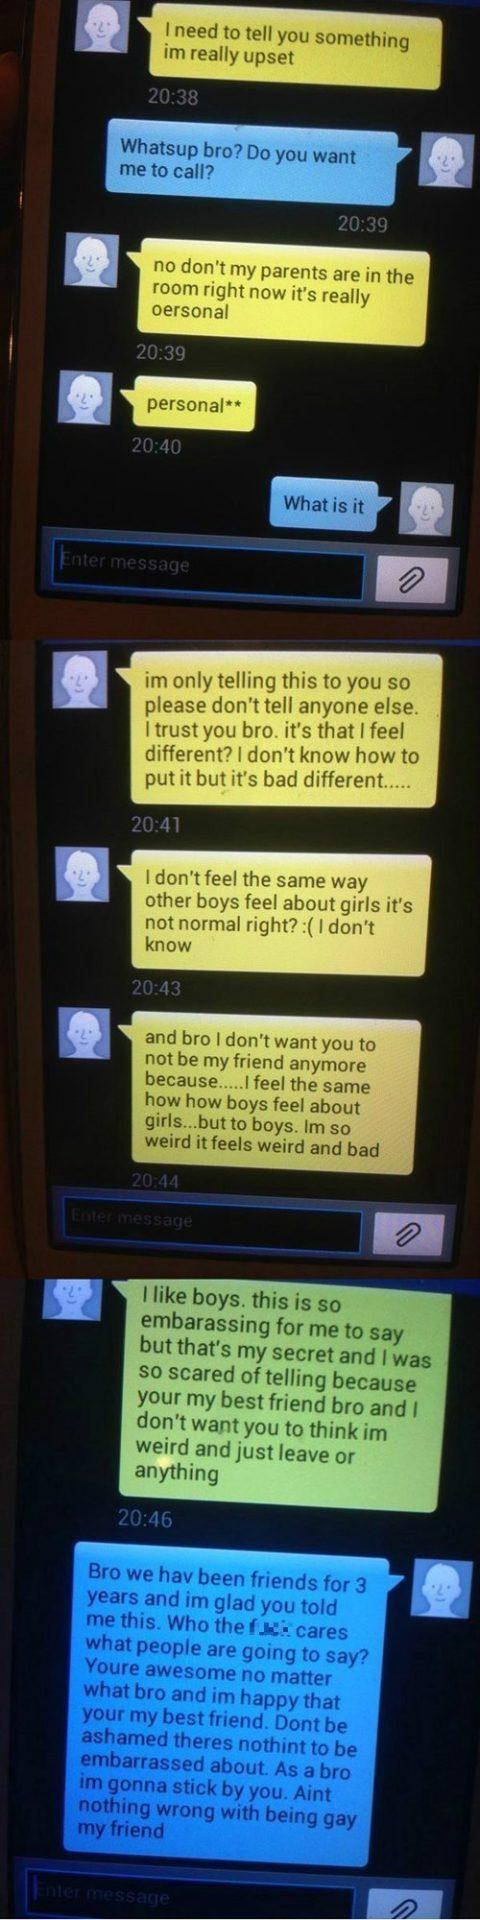 Flirter par message texte